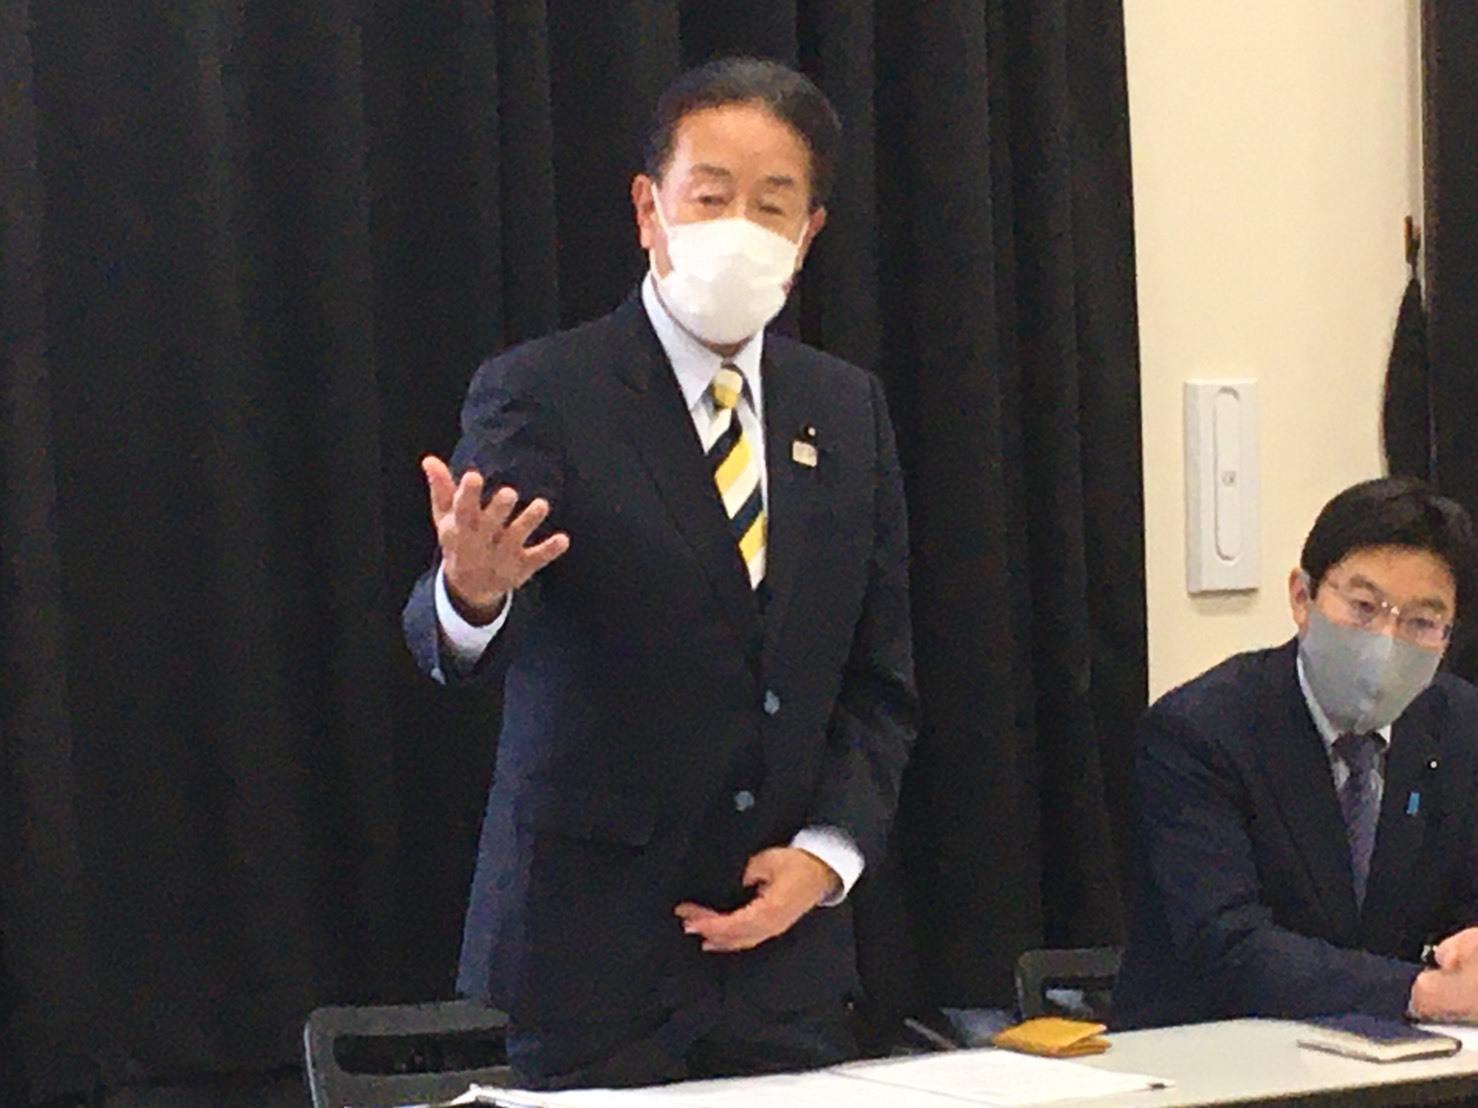 静岡県看護連盟との意見交換会「医療現場の課題・今後の展望」_d0050503_20473988.jpg